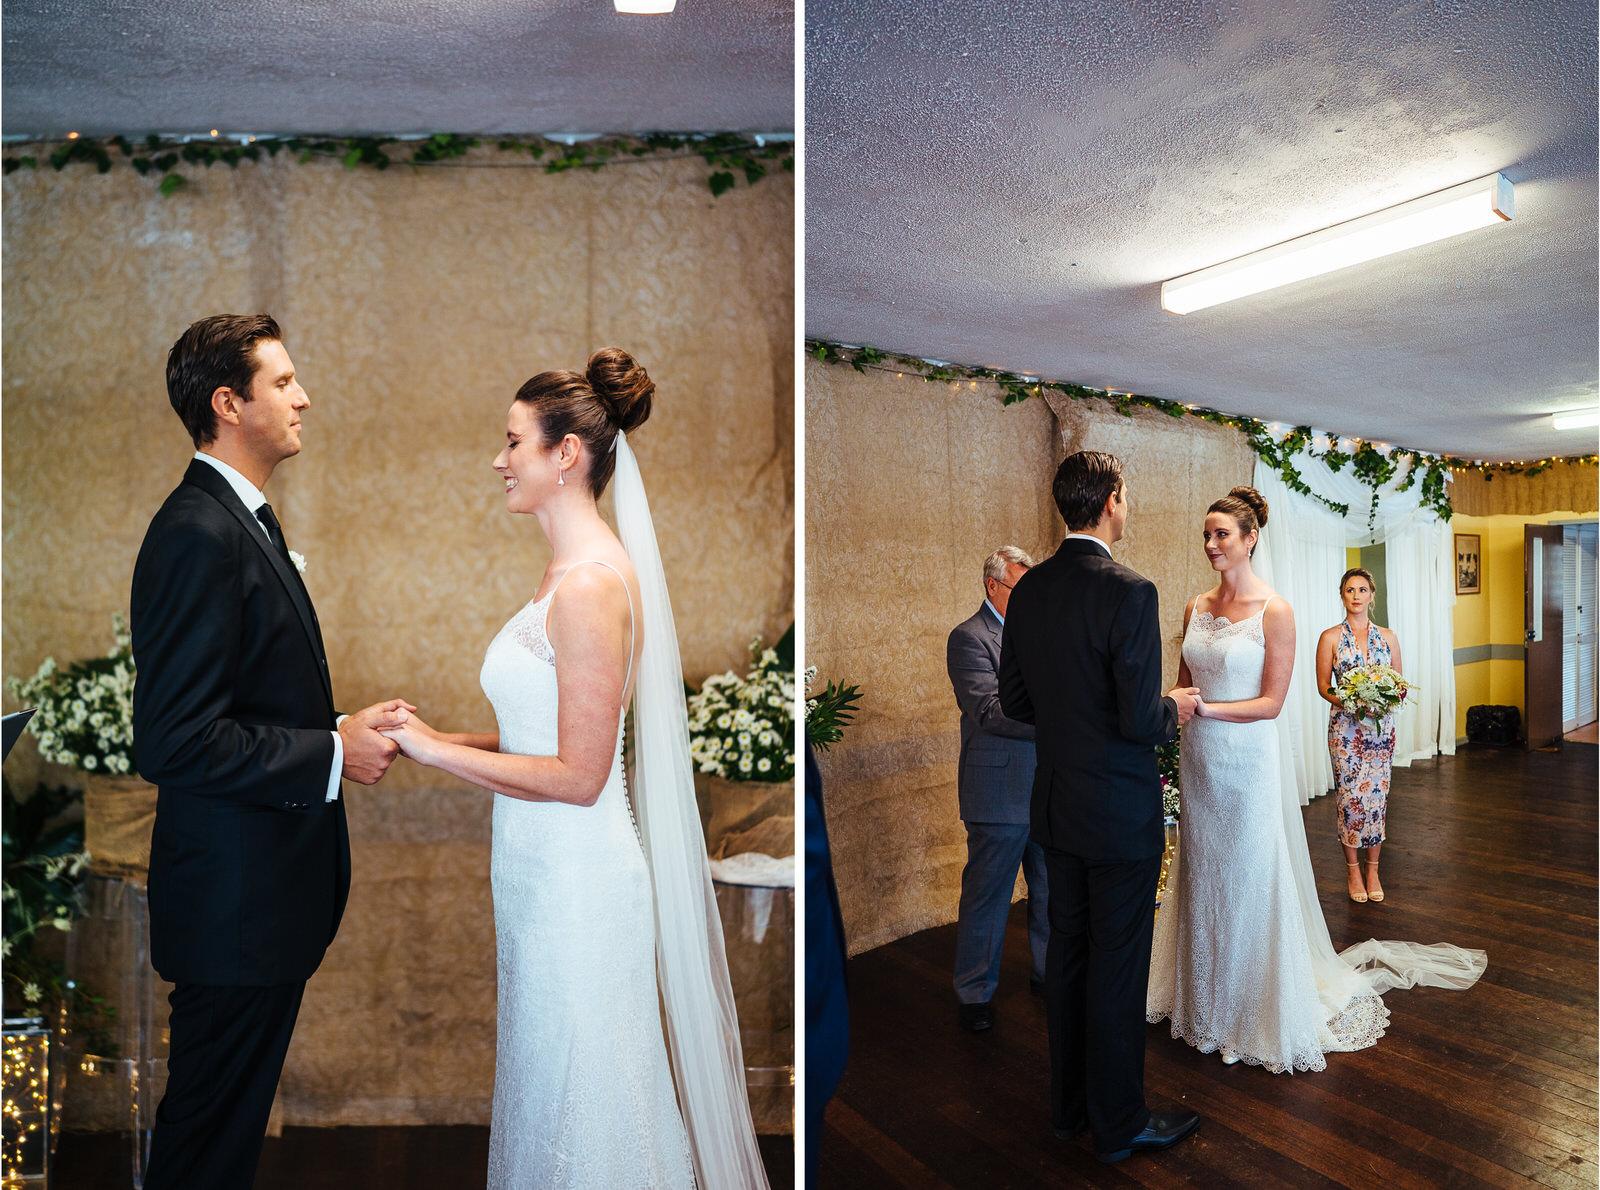 addy_matt_wedding_greenwich_sailing_club-75a